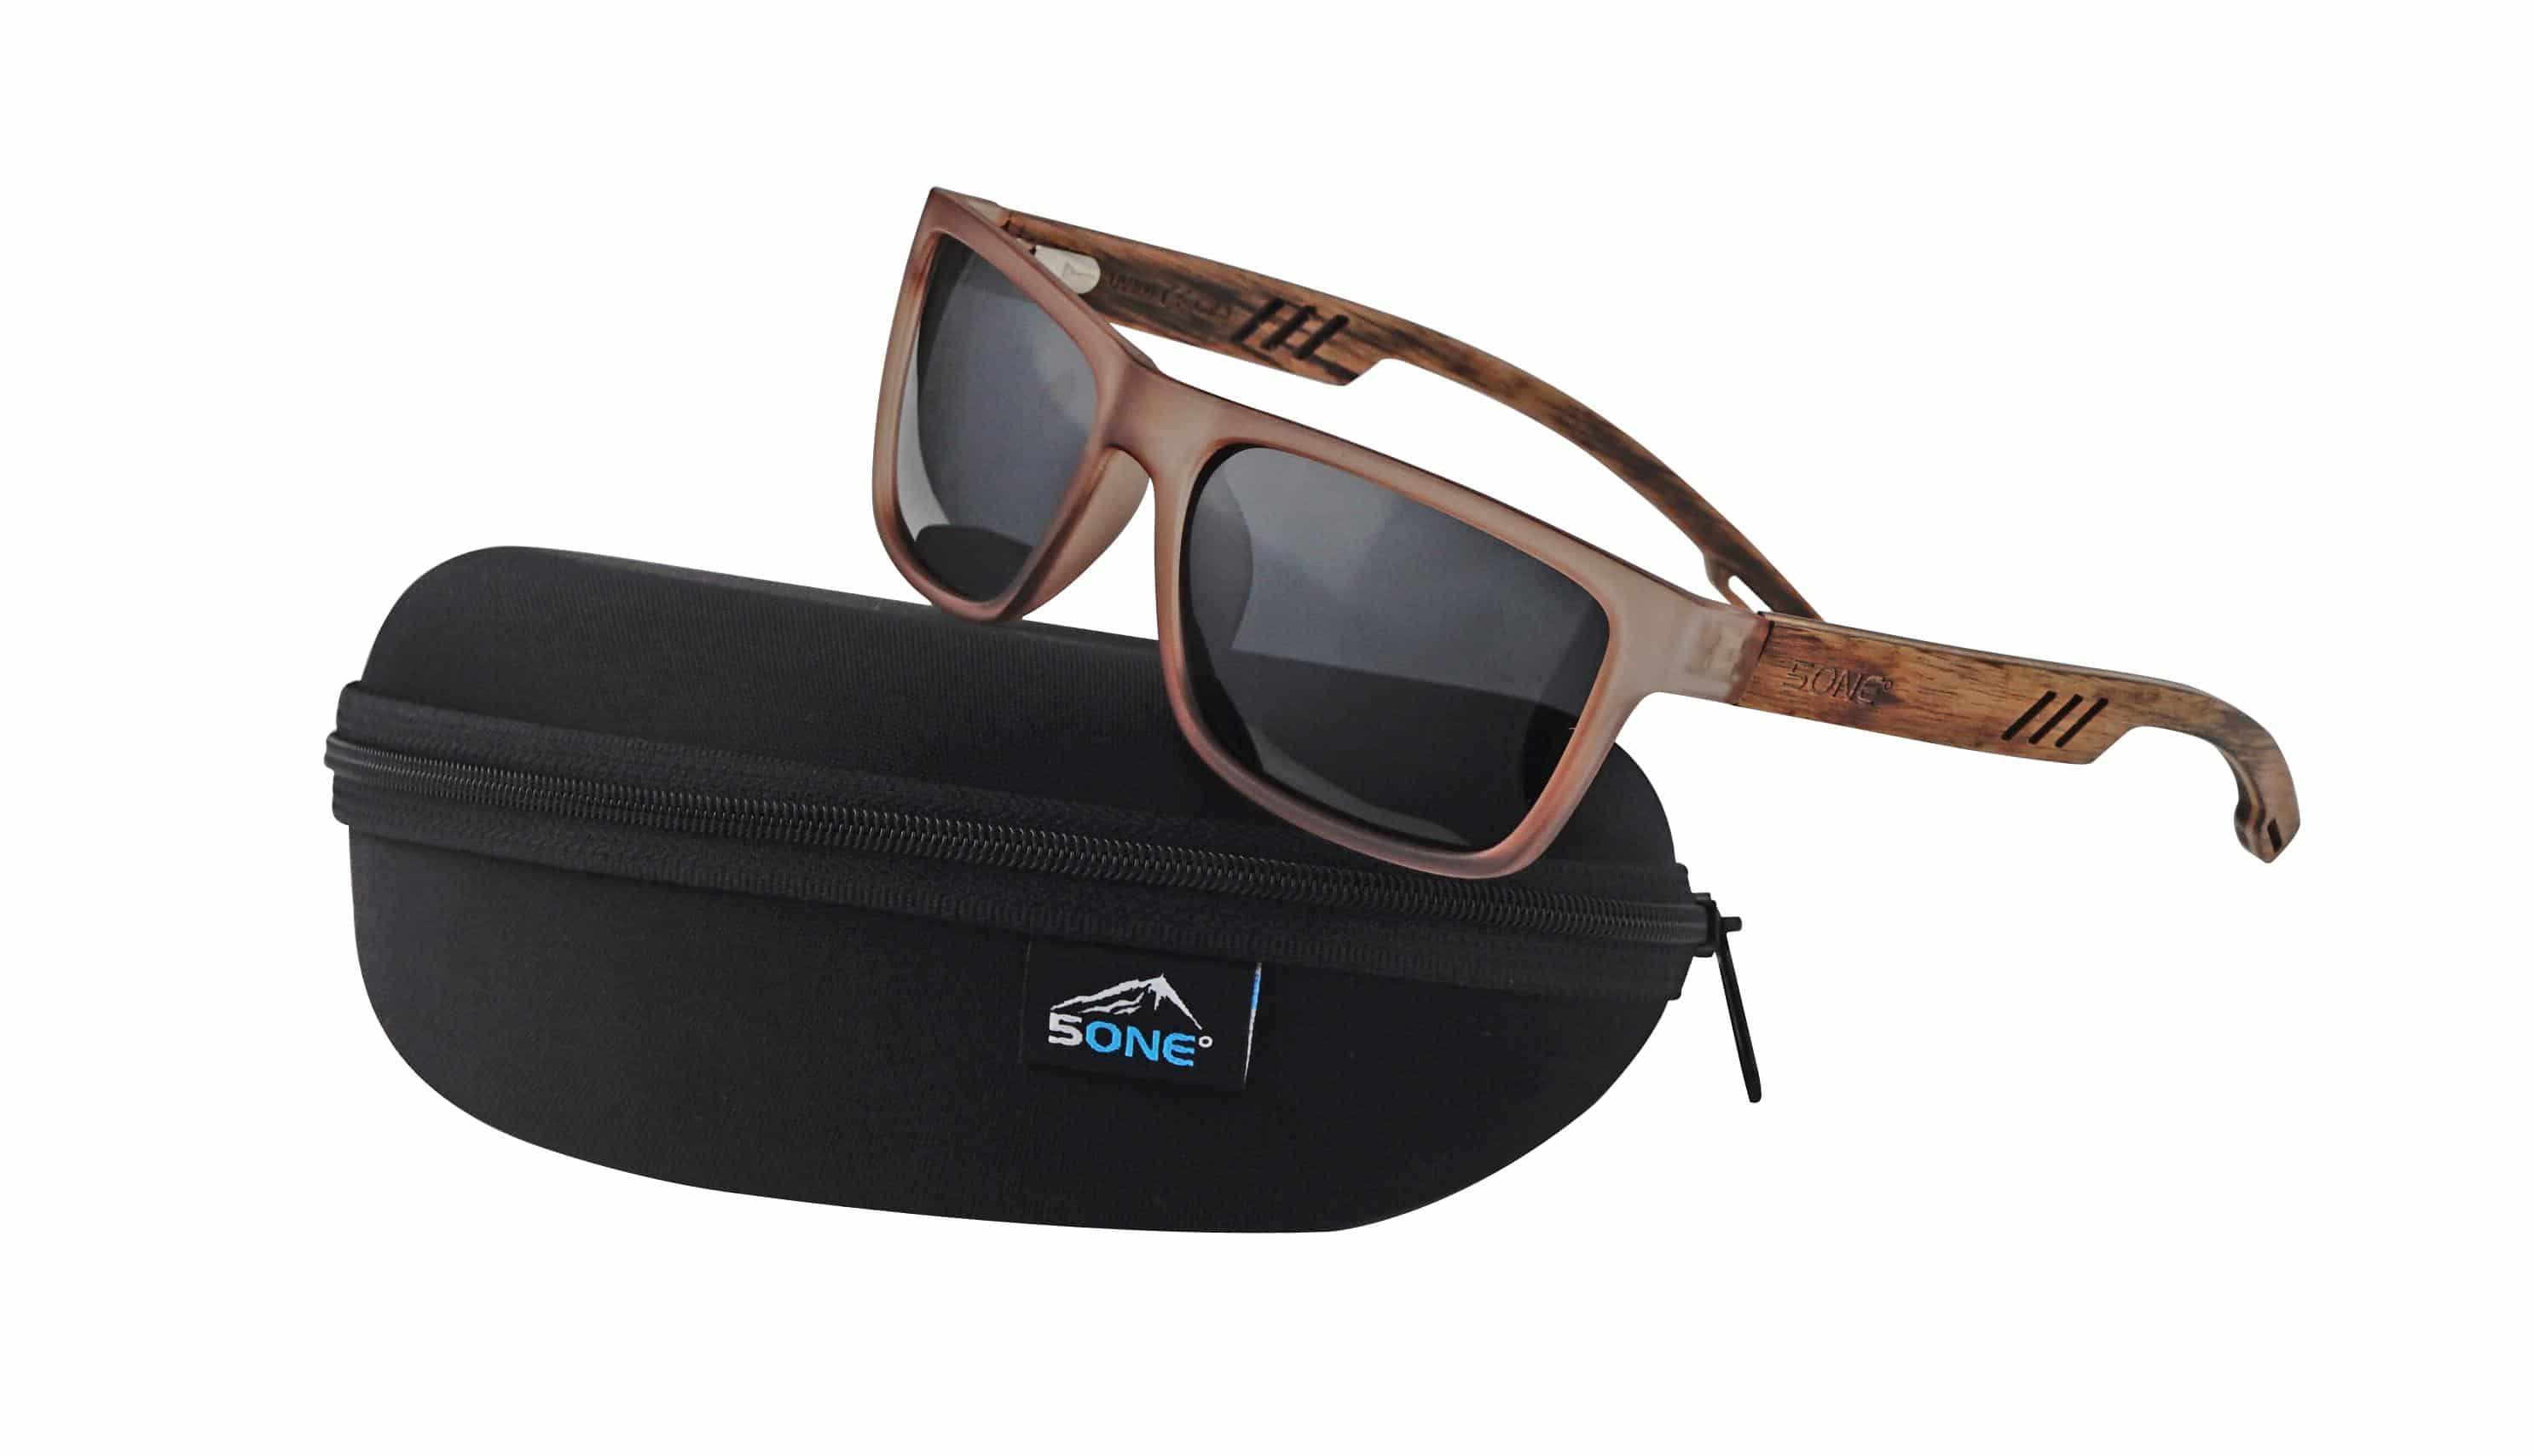 5one® St. Lucia Brown Smoke Matt zonnebril - gestreept hout